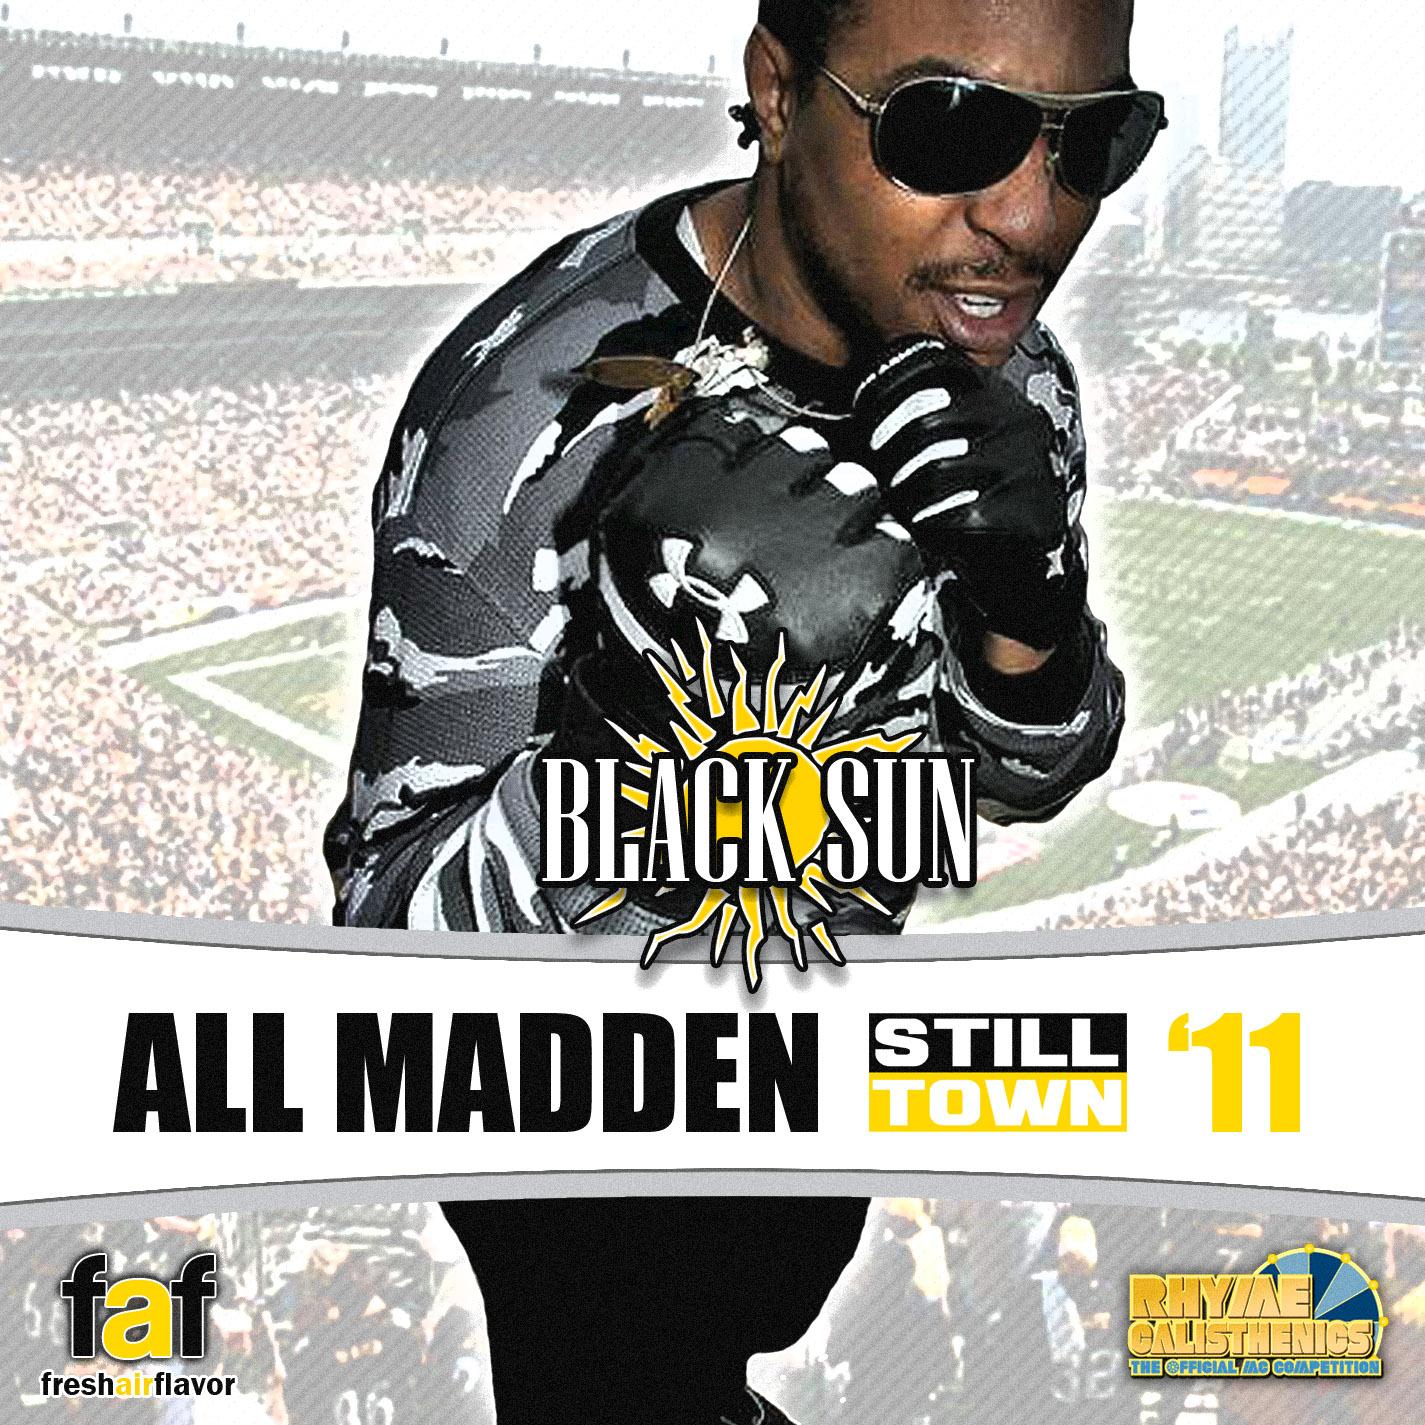 Stilltown Blacksun All Madden 11 2011